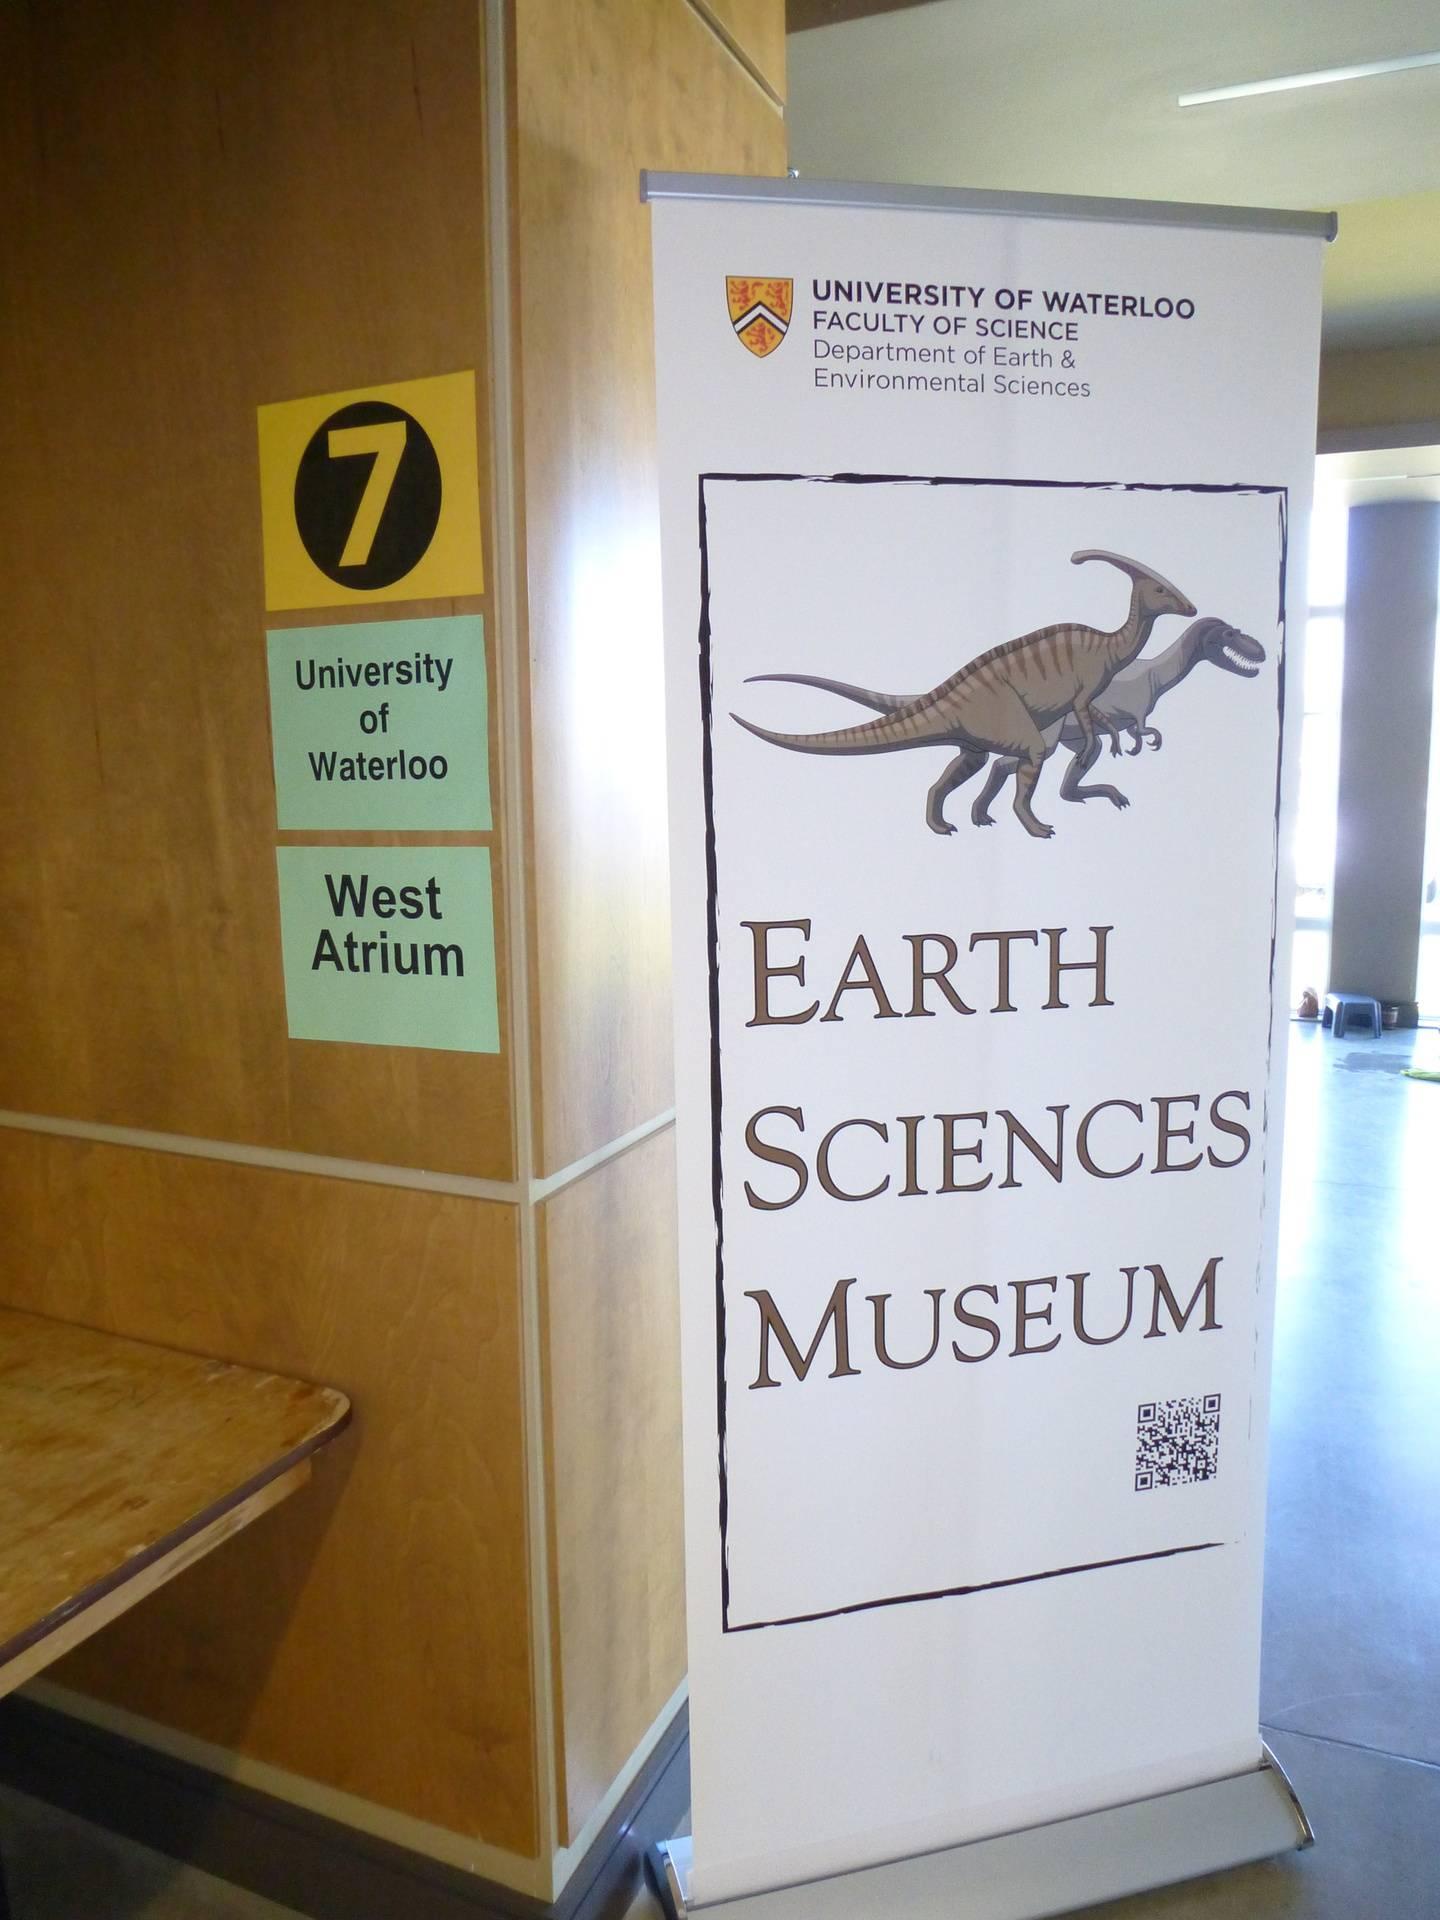 Earth Sciences Museum - University of Waterloo